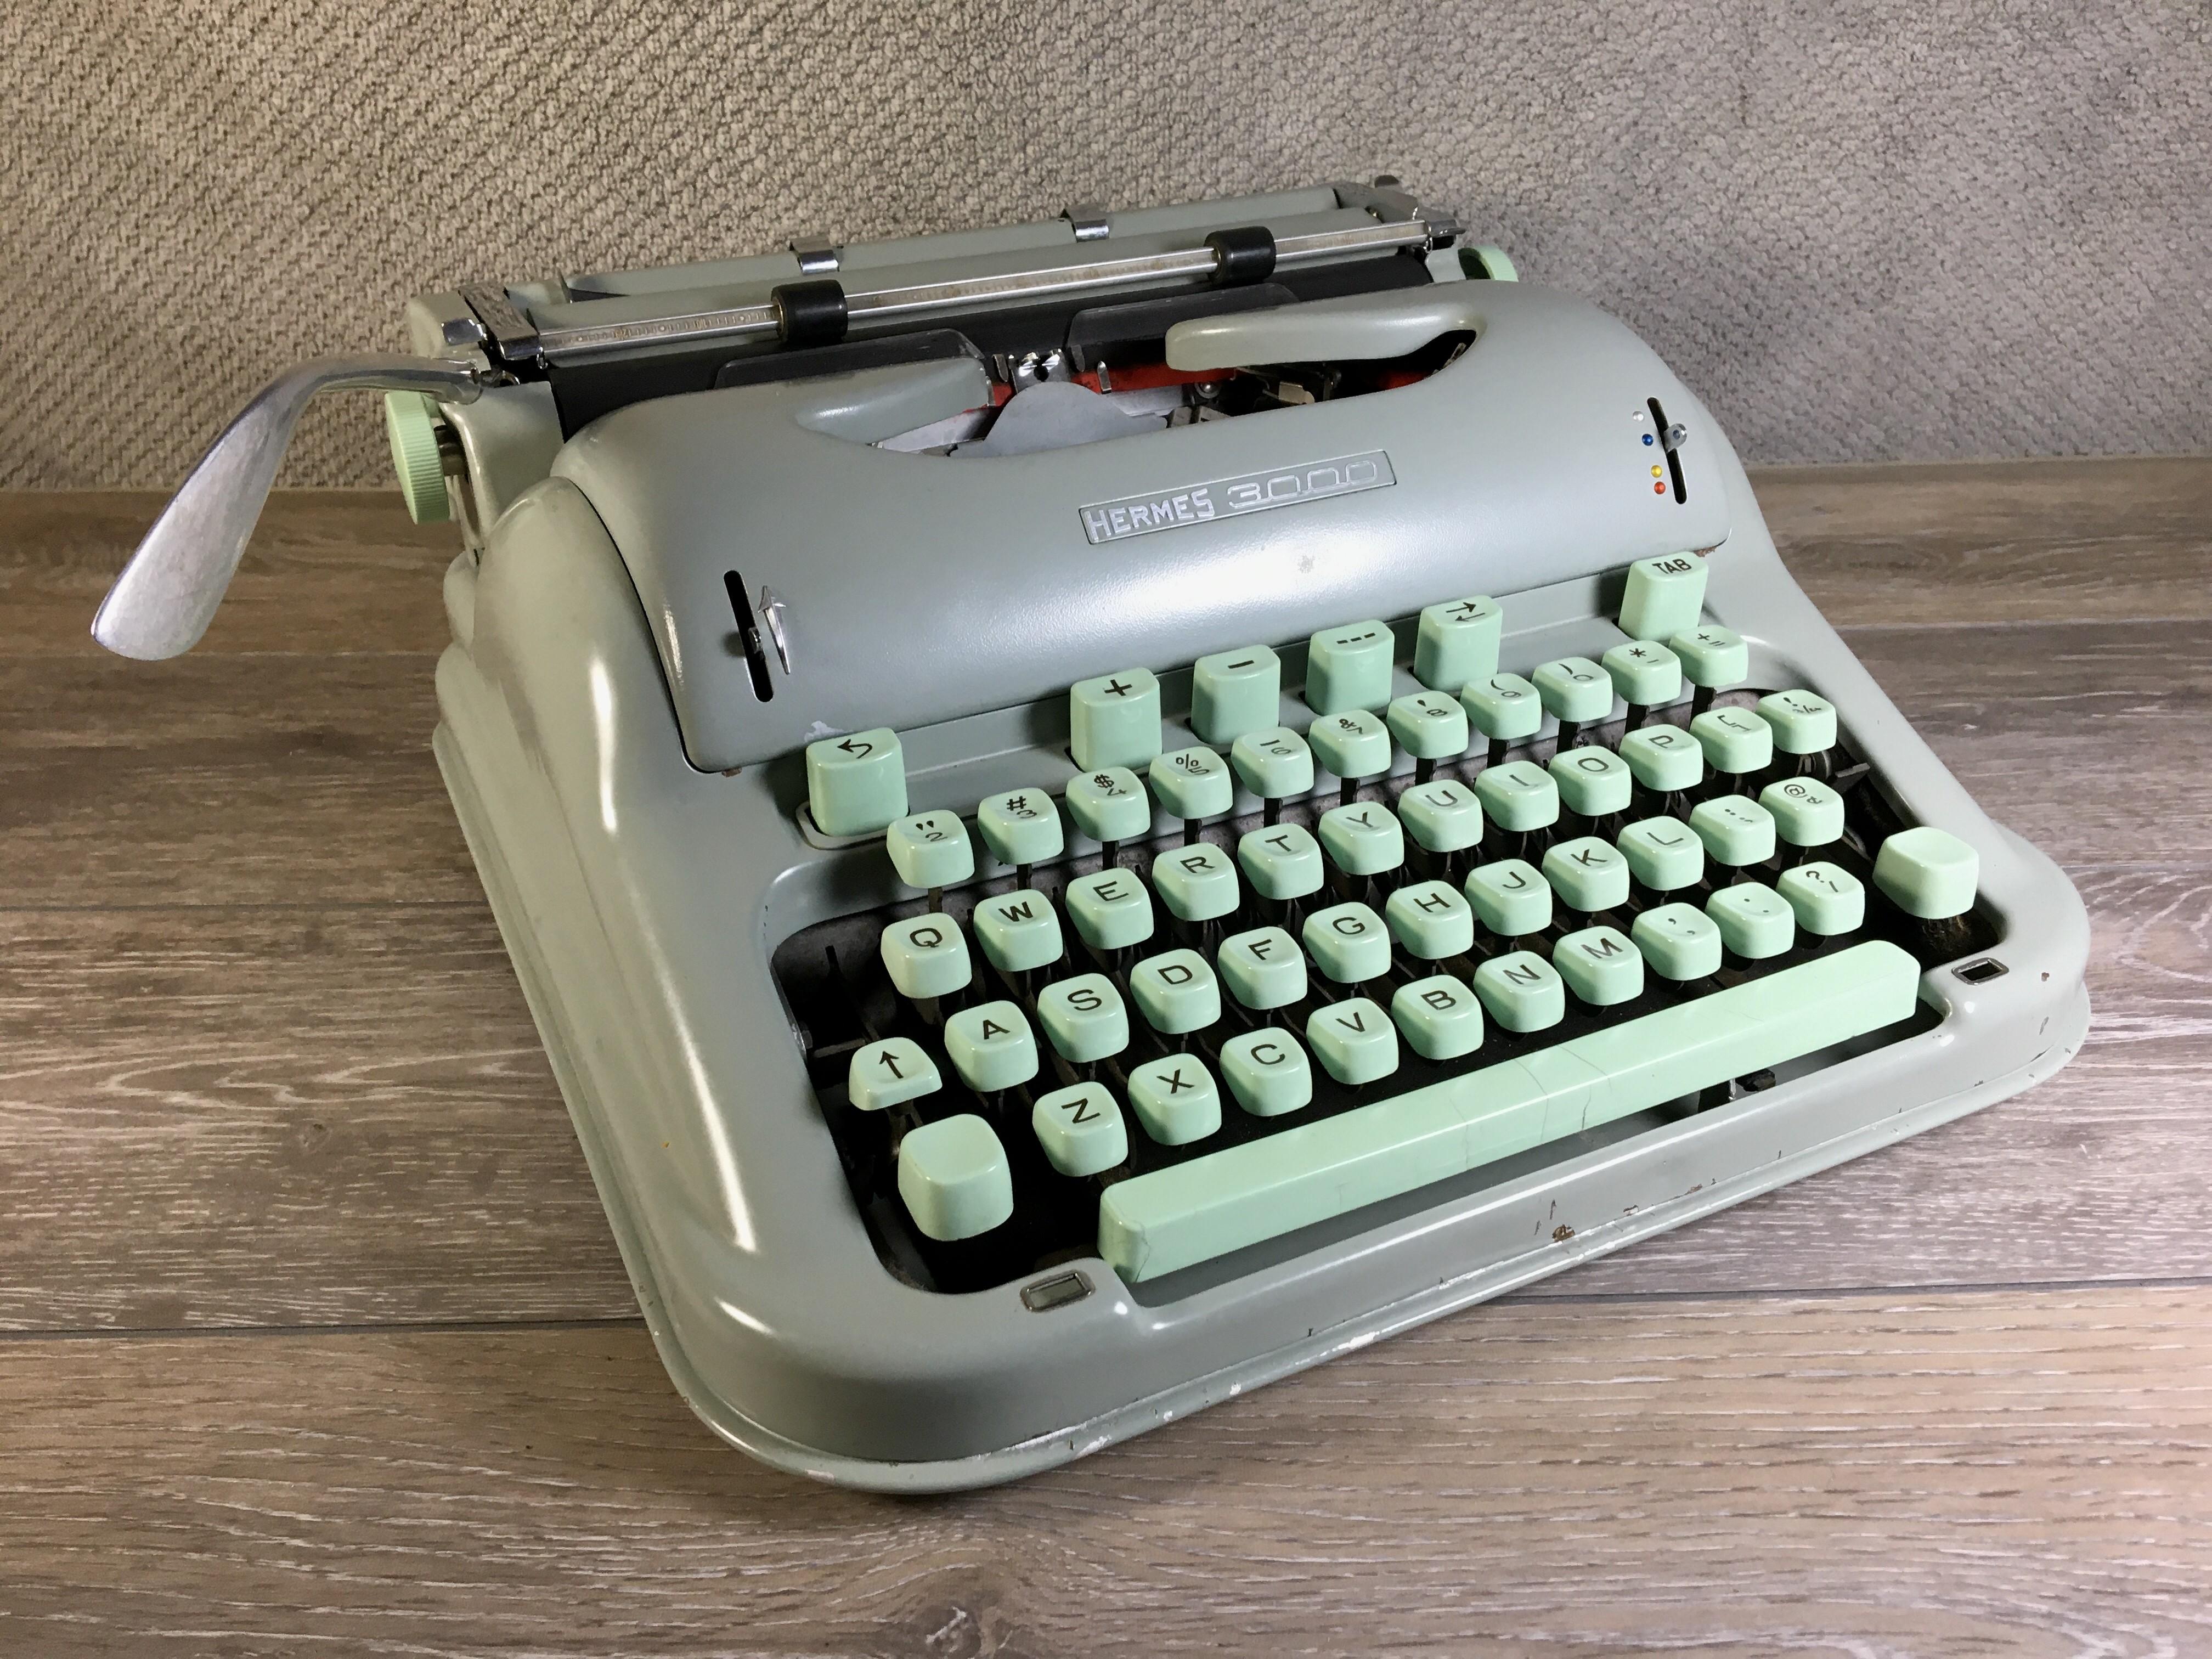 1962 Hermès 3000